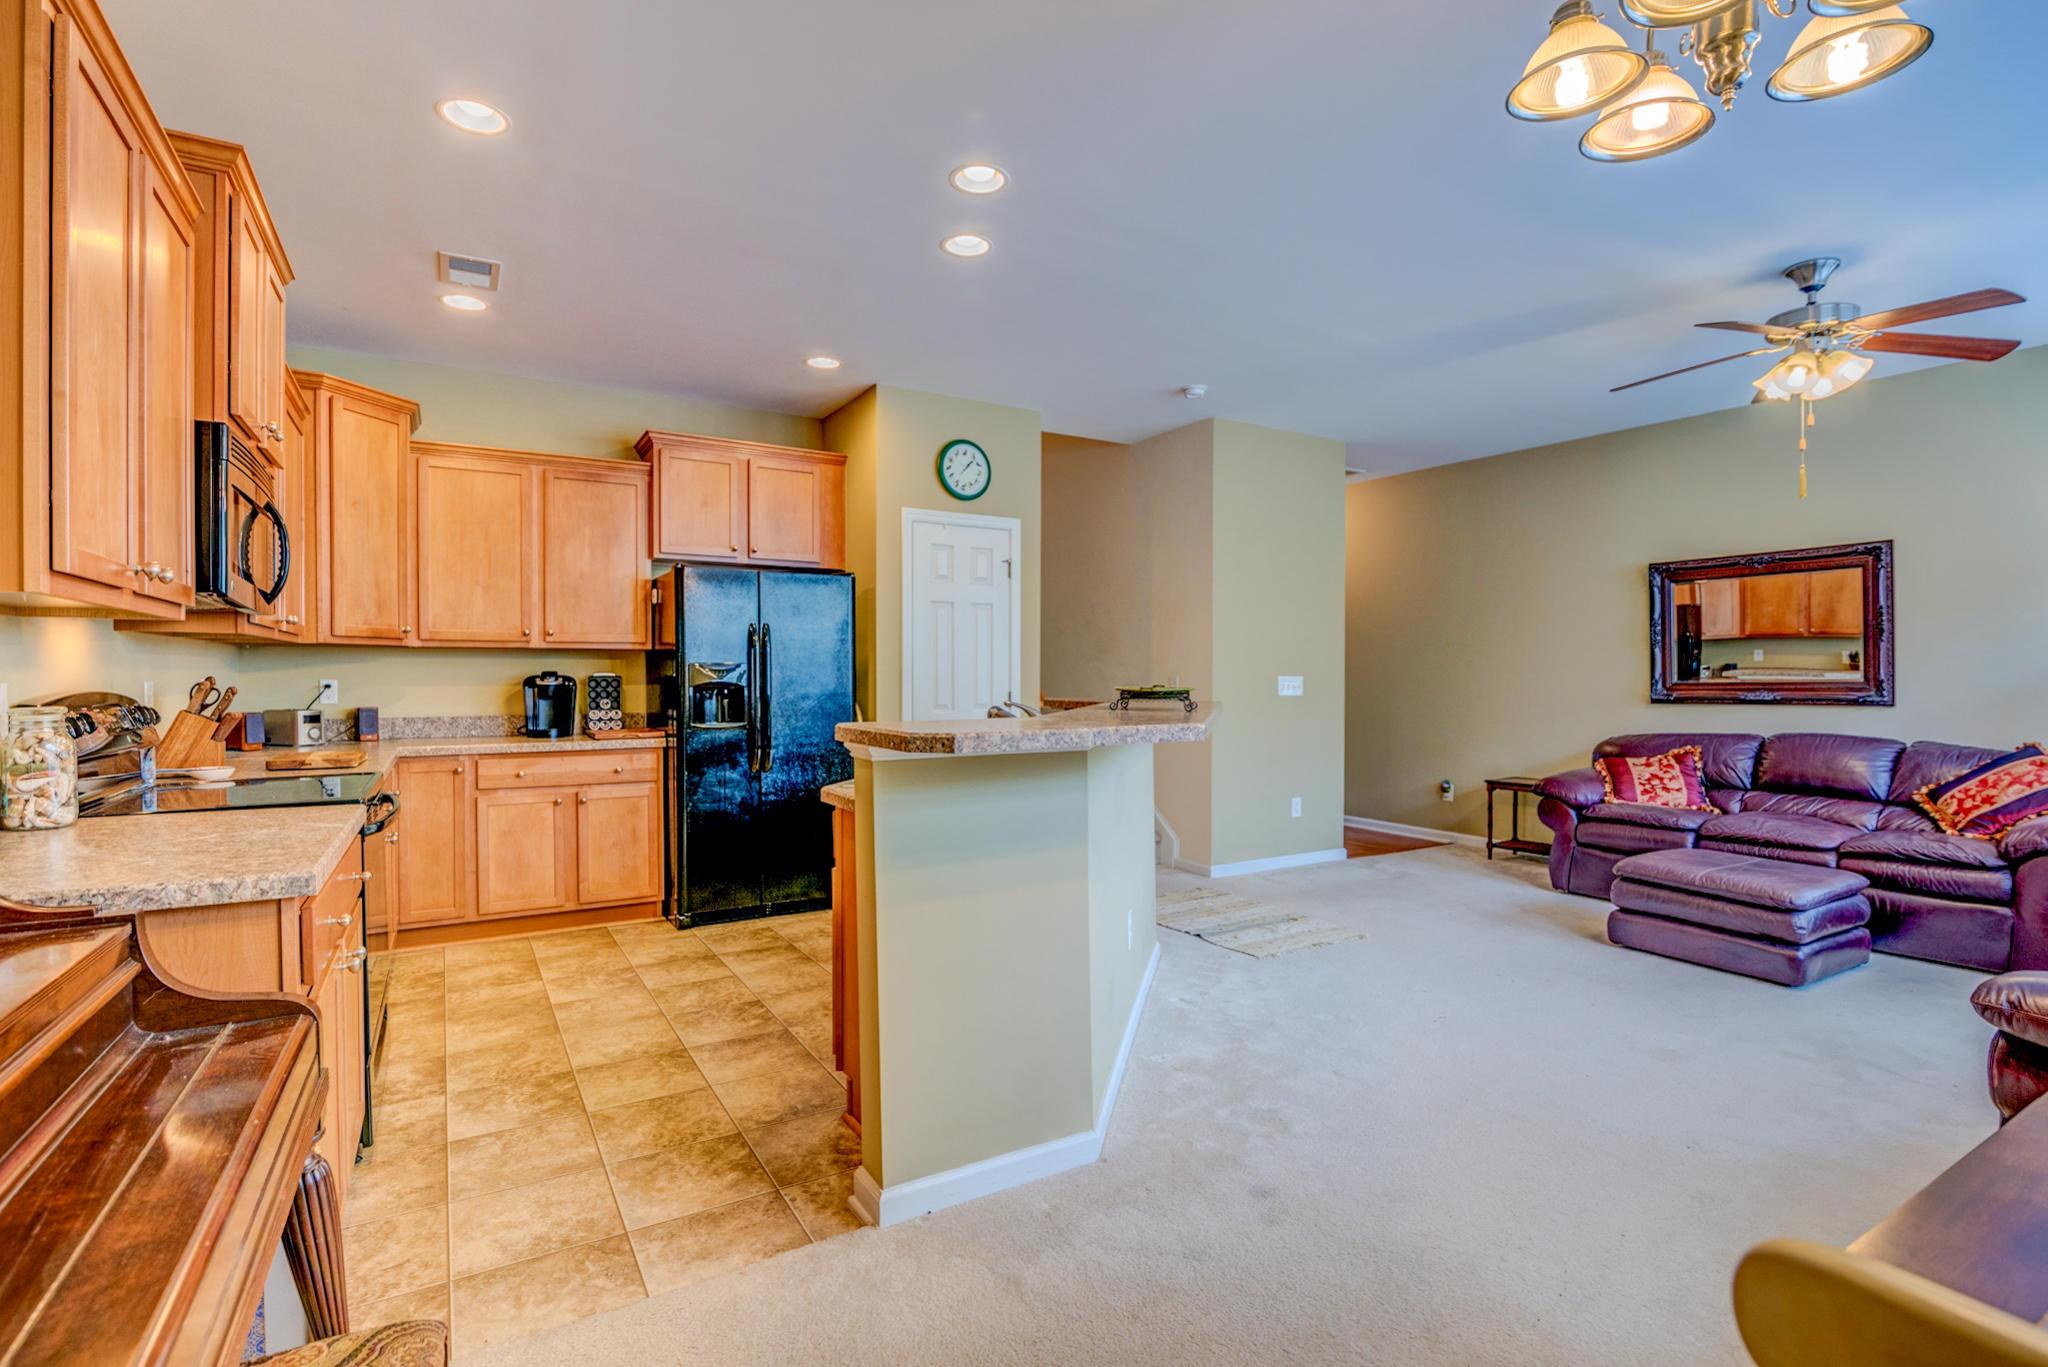 Park West Homes For Sale - 3001 Parkwest, Mount Pleasant, SC - 16